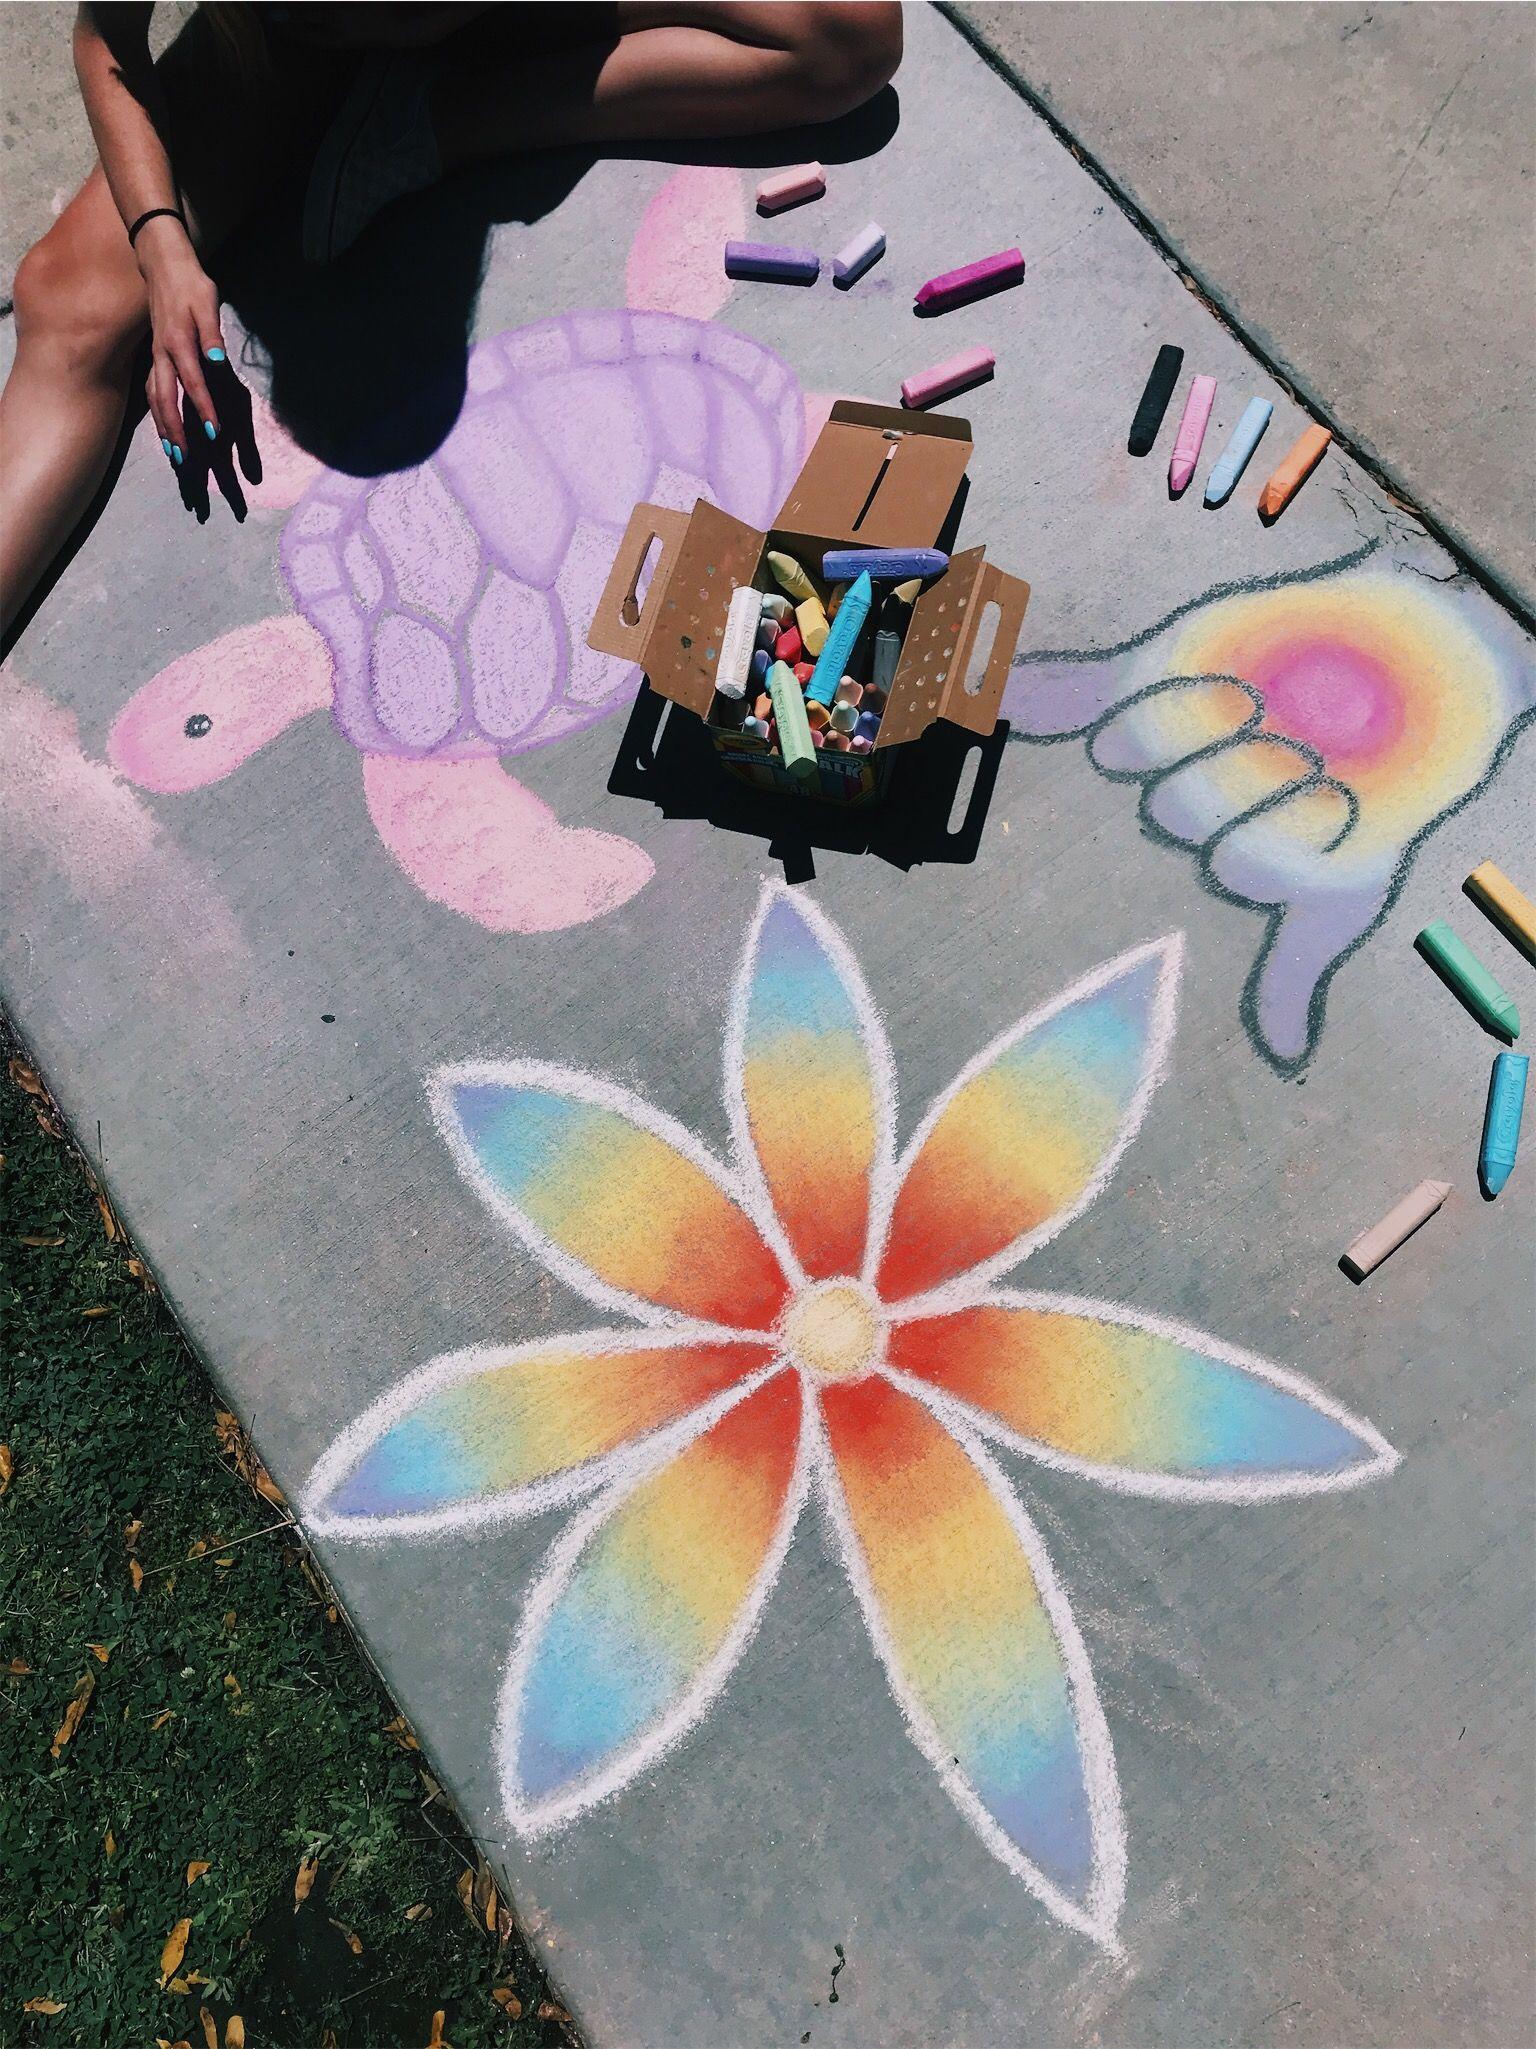 Vsco Chalk Drawing Vsco Chalkdrawking Summer Sunshinenhoney